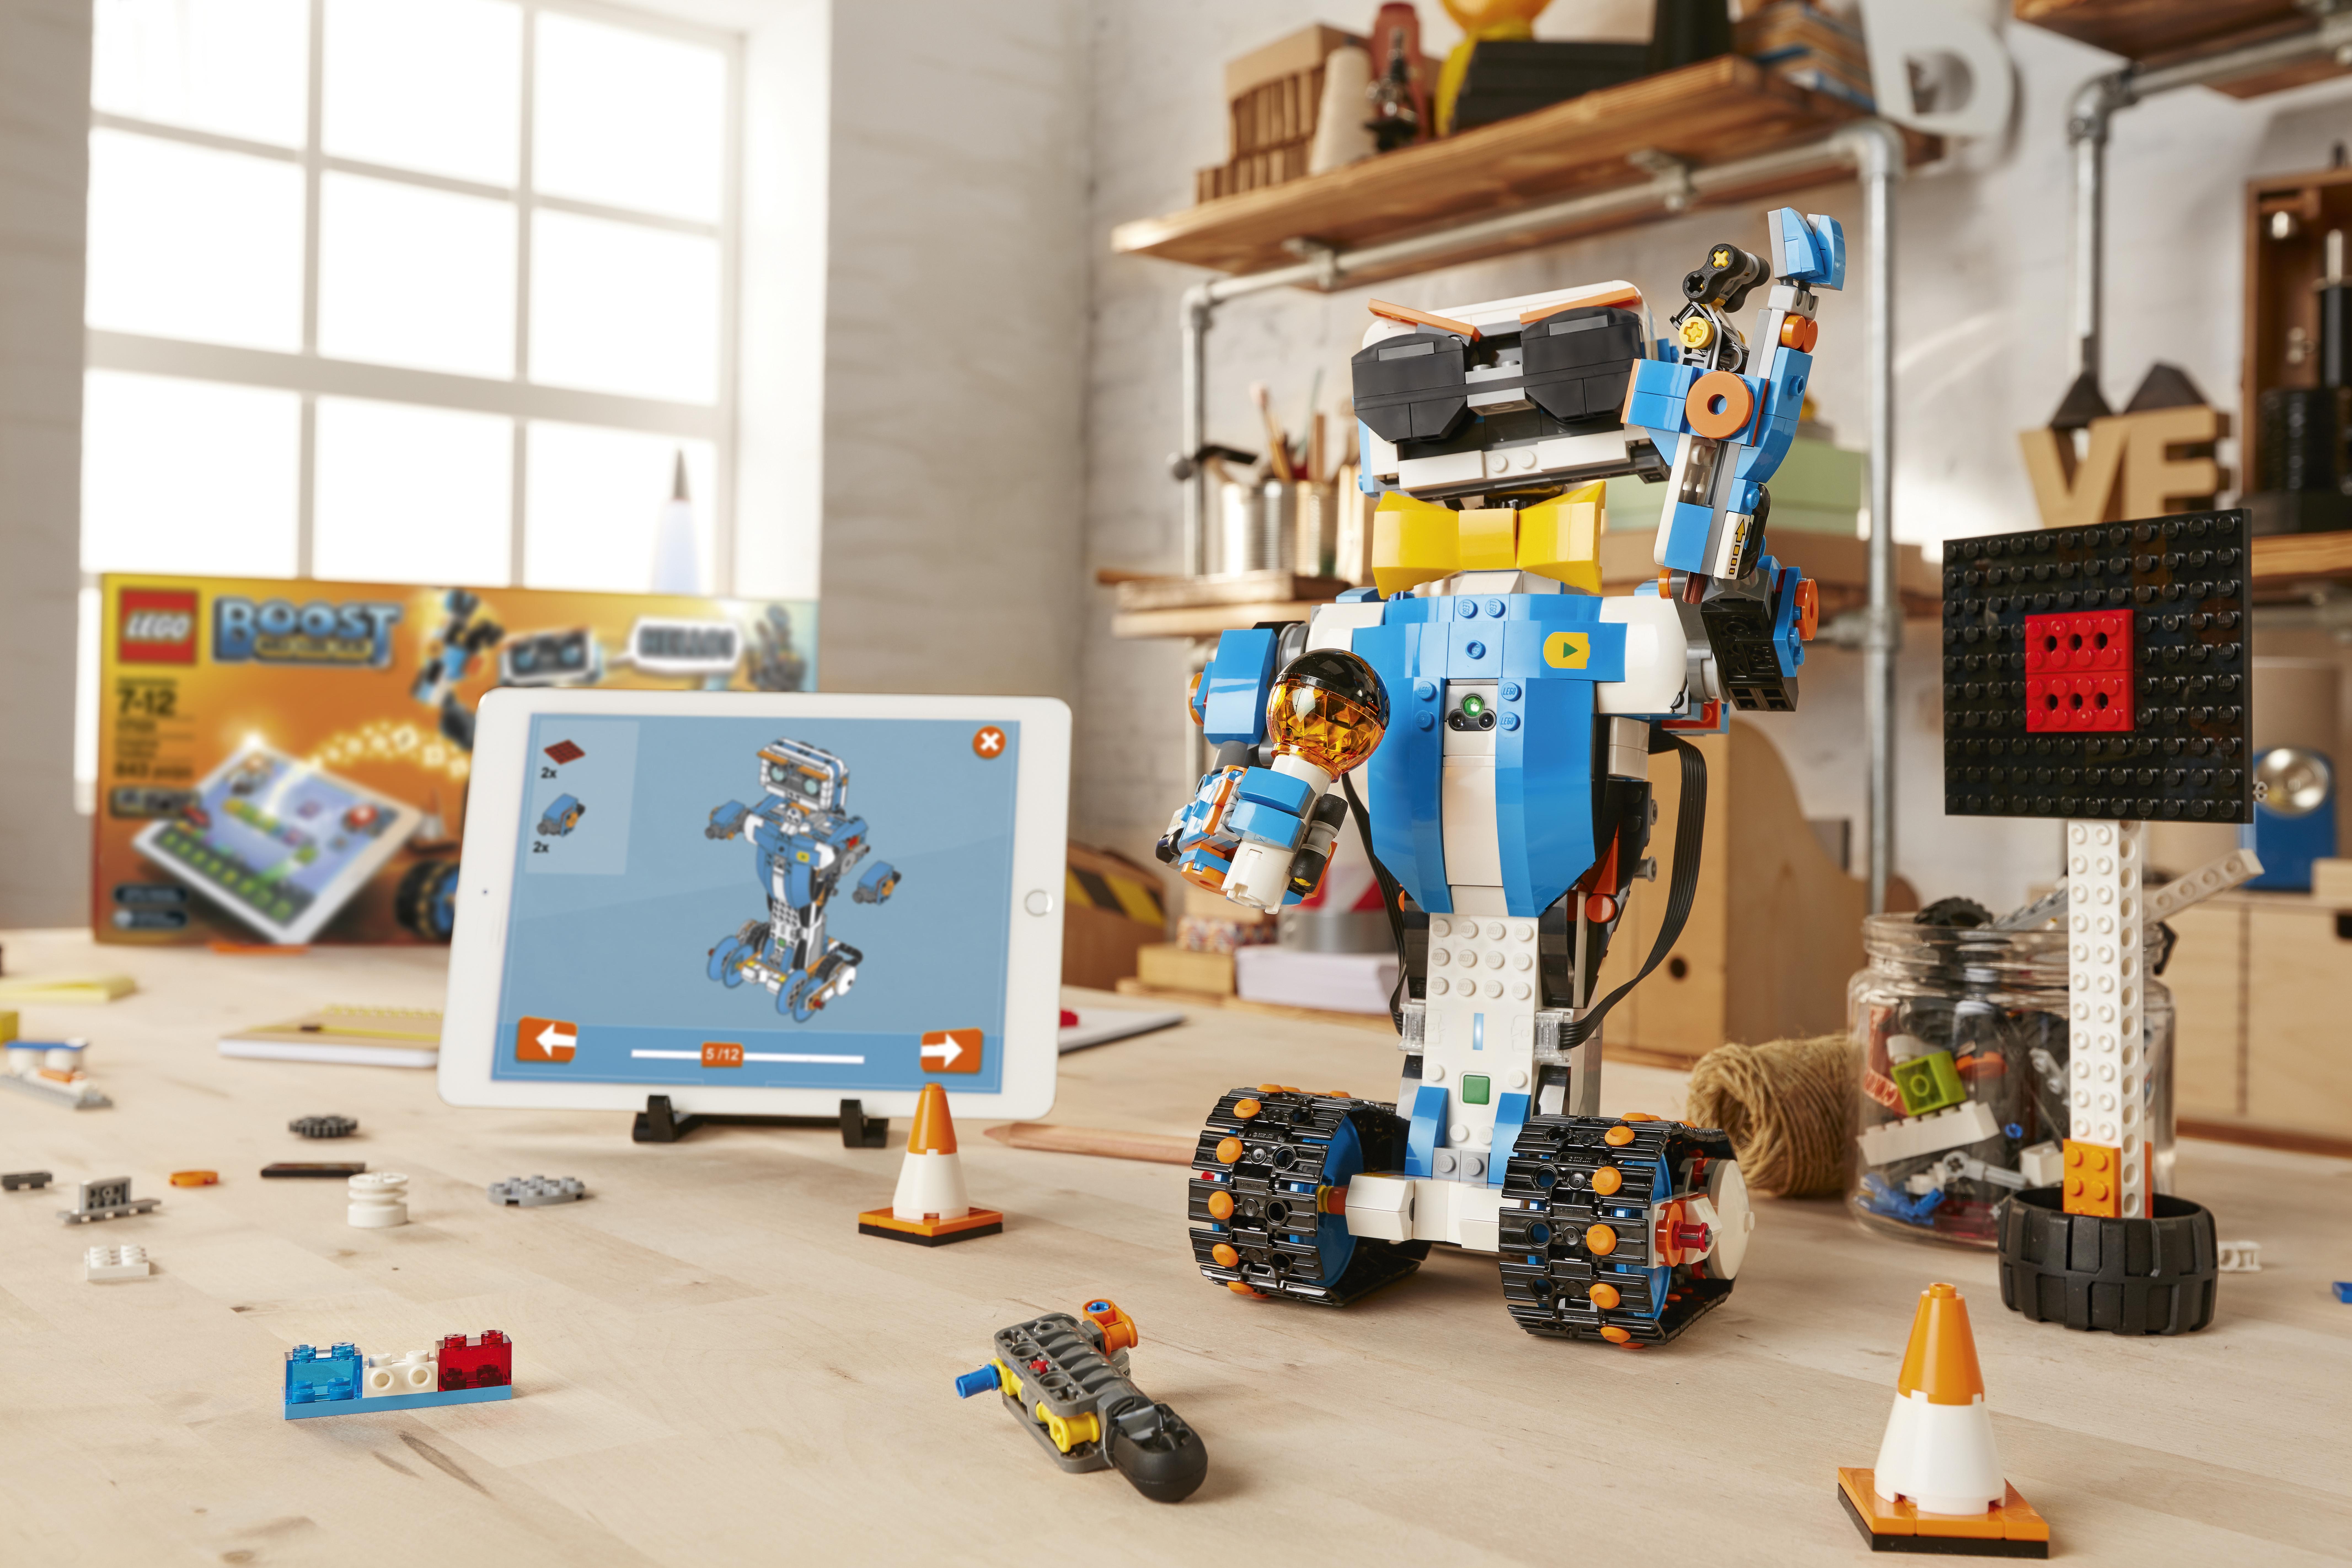 LEGO Boost - Vernie